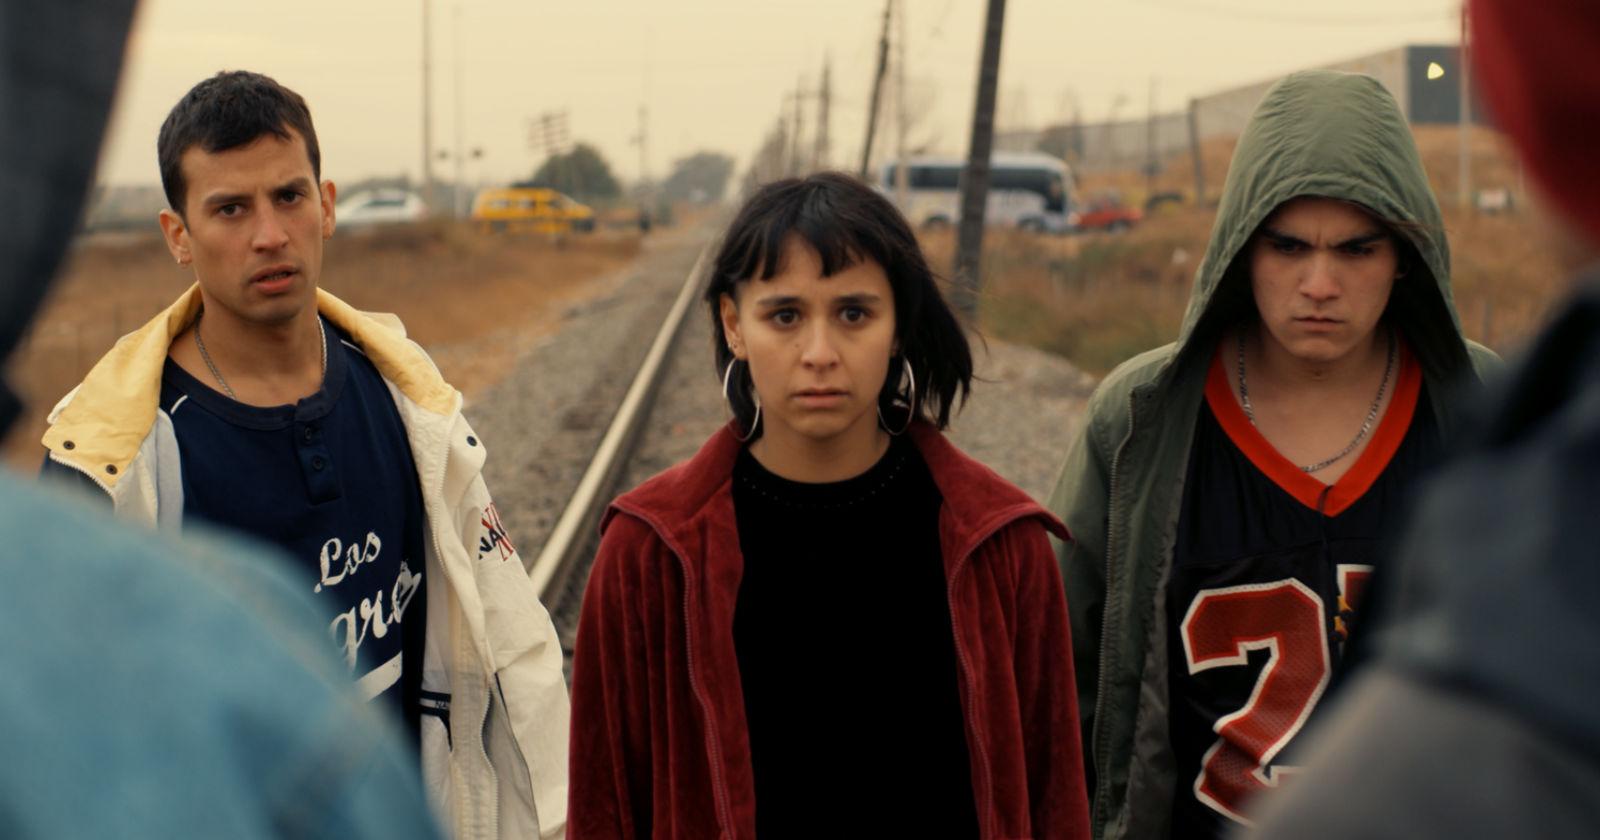 """Luis Alejandro Pérez, director de la película Piola: """"Está emparentada con los síntomas del estallido social"""" - Fmusic"""